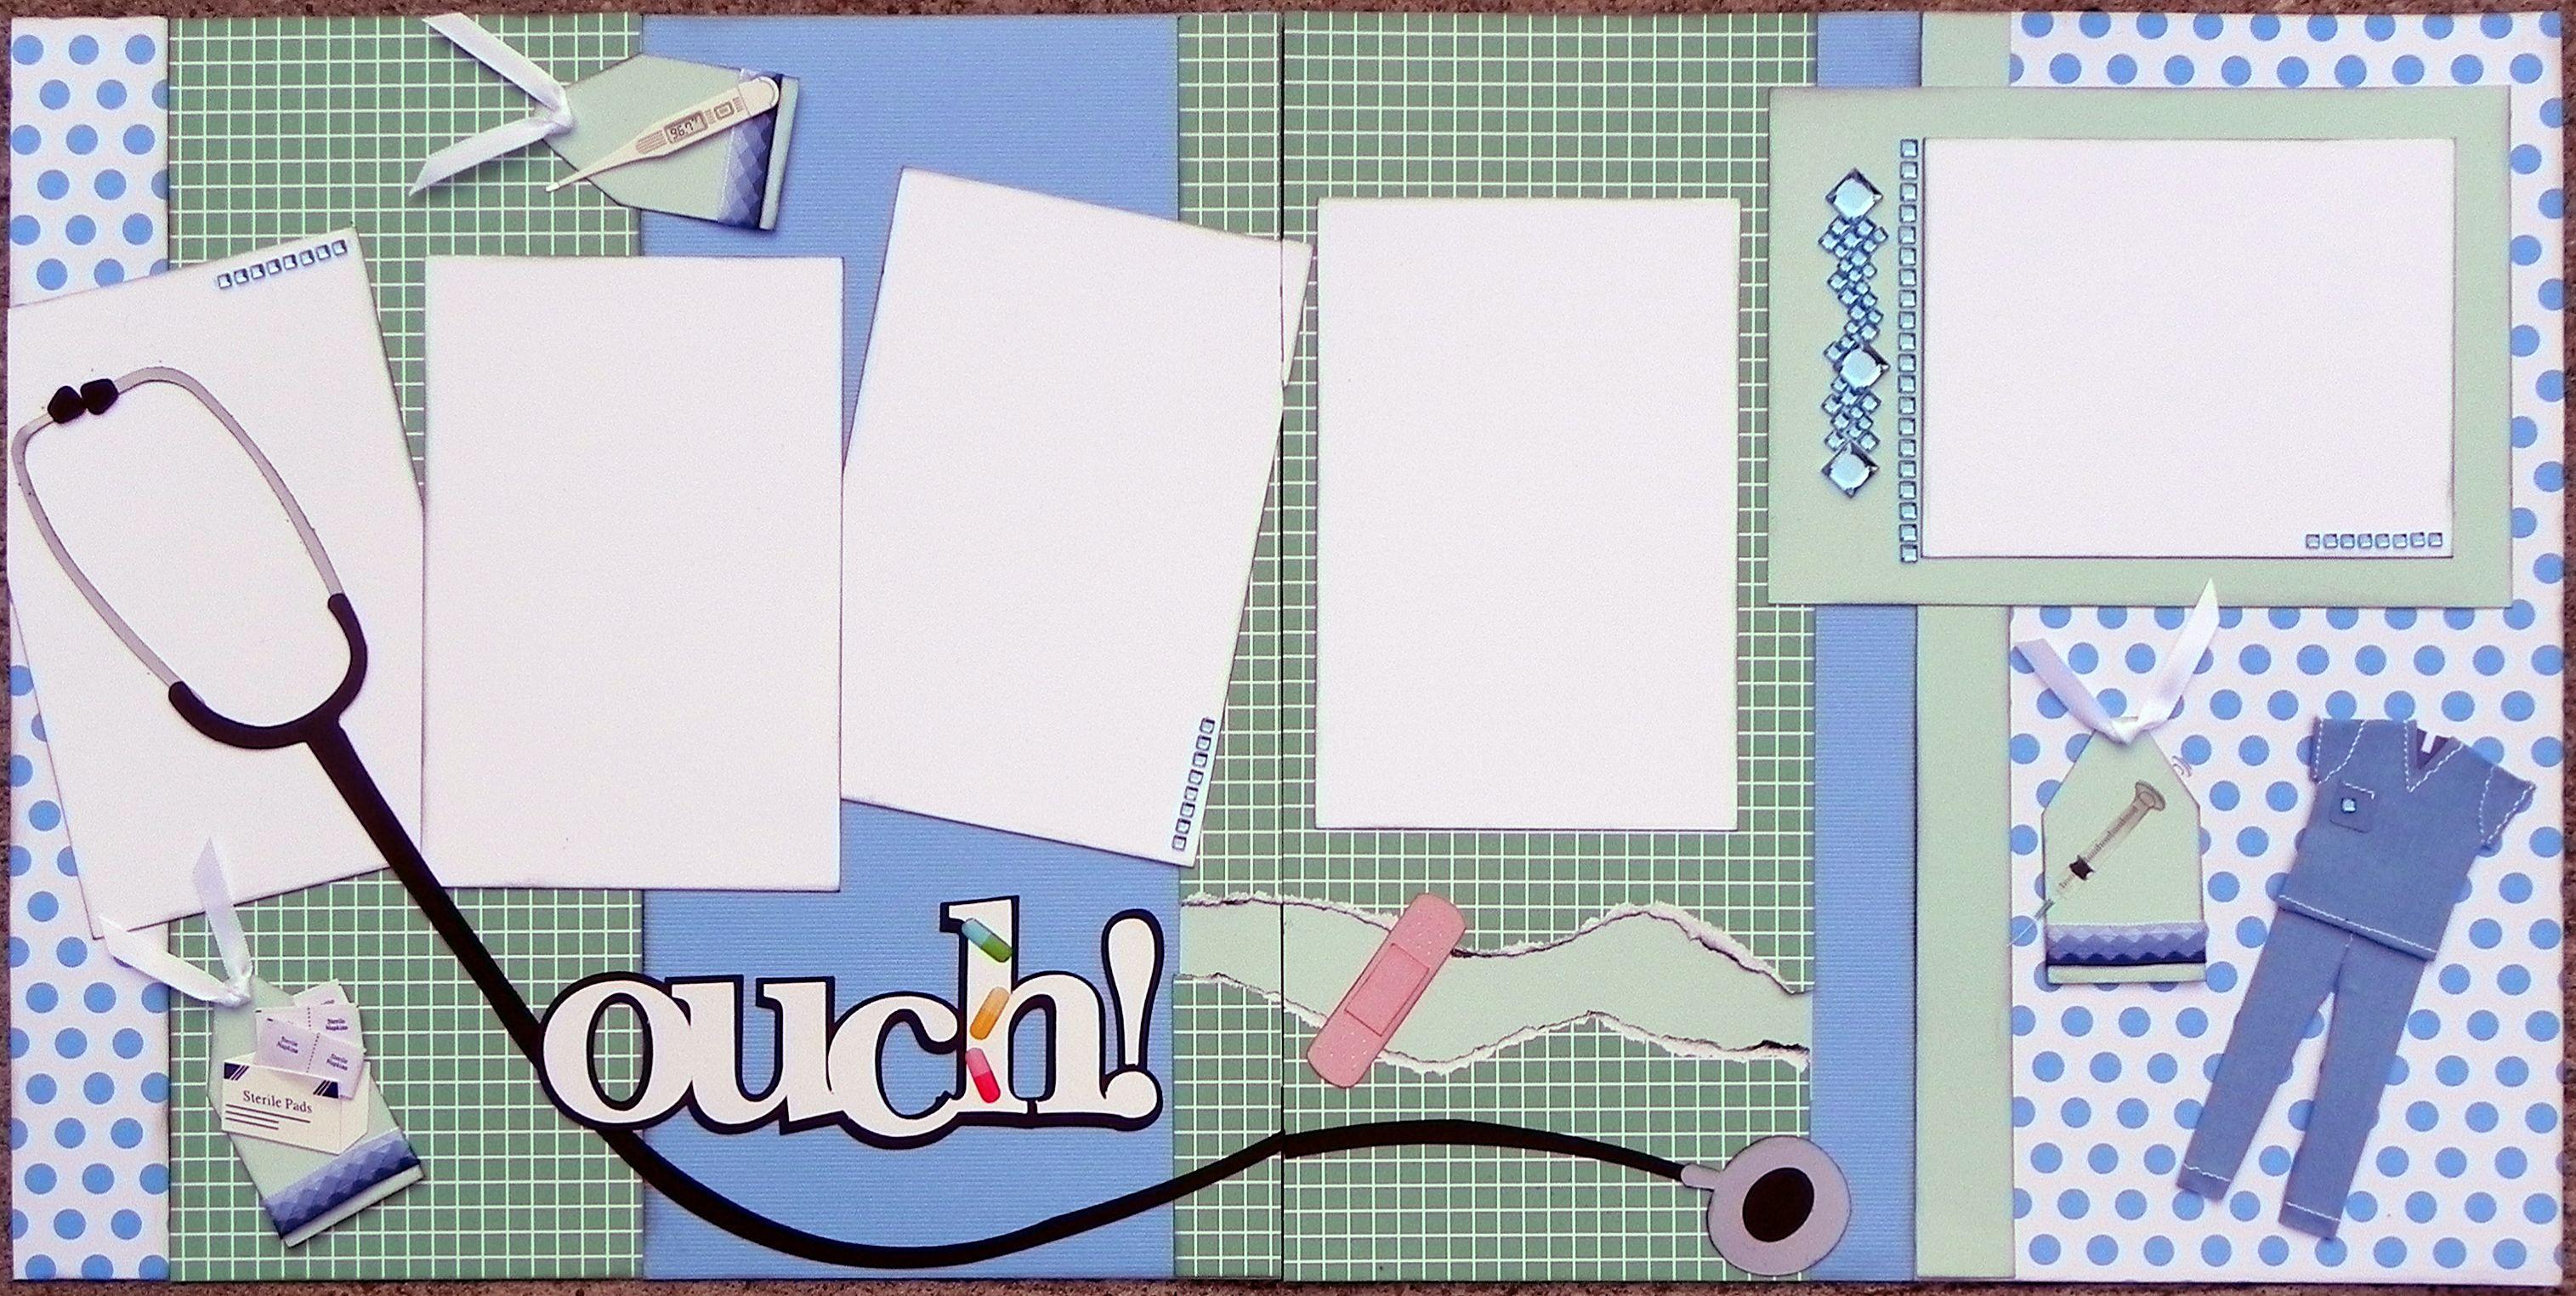 How to scrapbook yahoo - Broken Arm Scrapbook Page Yahoo Search Results Yahoo Image Search Results